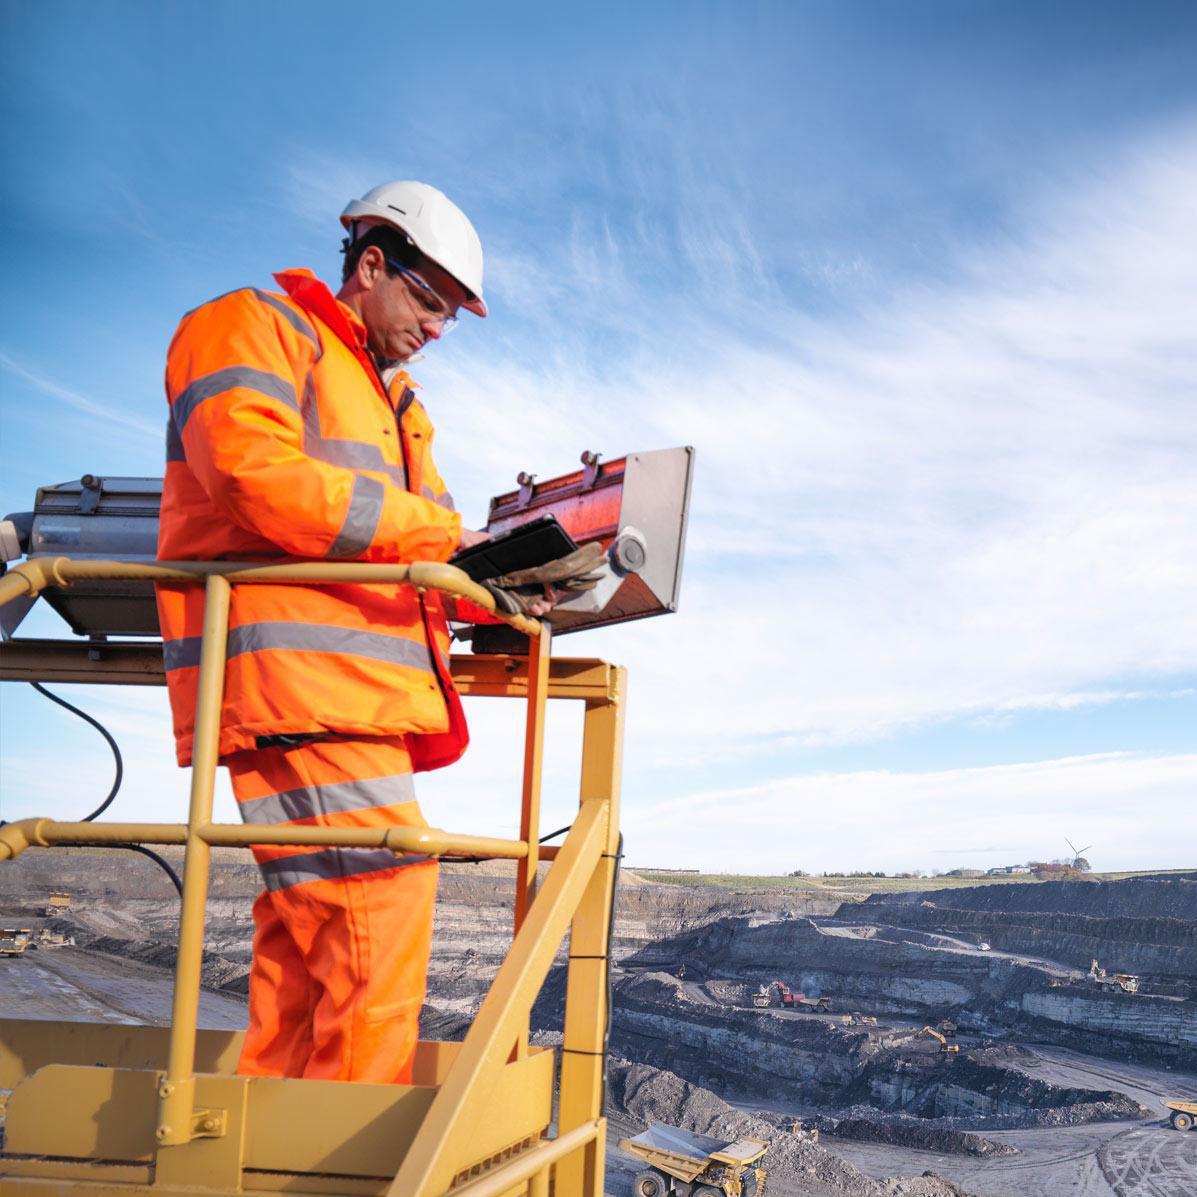 Como inova o digital pode melhorar a produtividade na minera o mckinsey company - Mining images hd ...